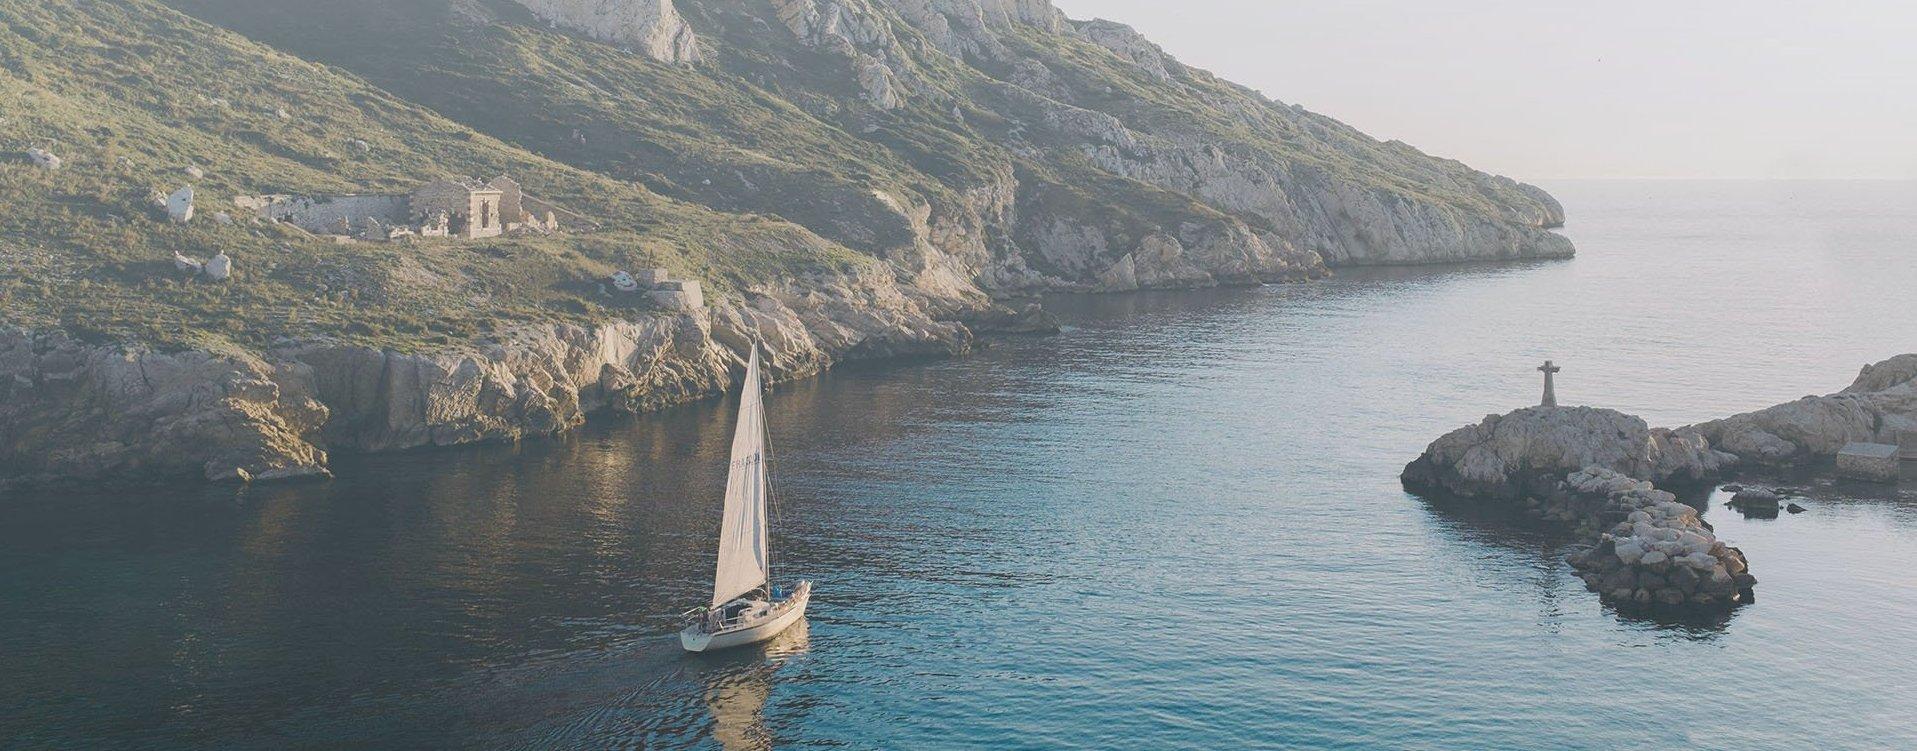 coastal-sailing-skiathos